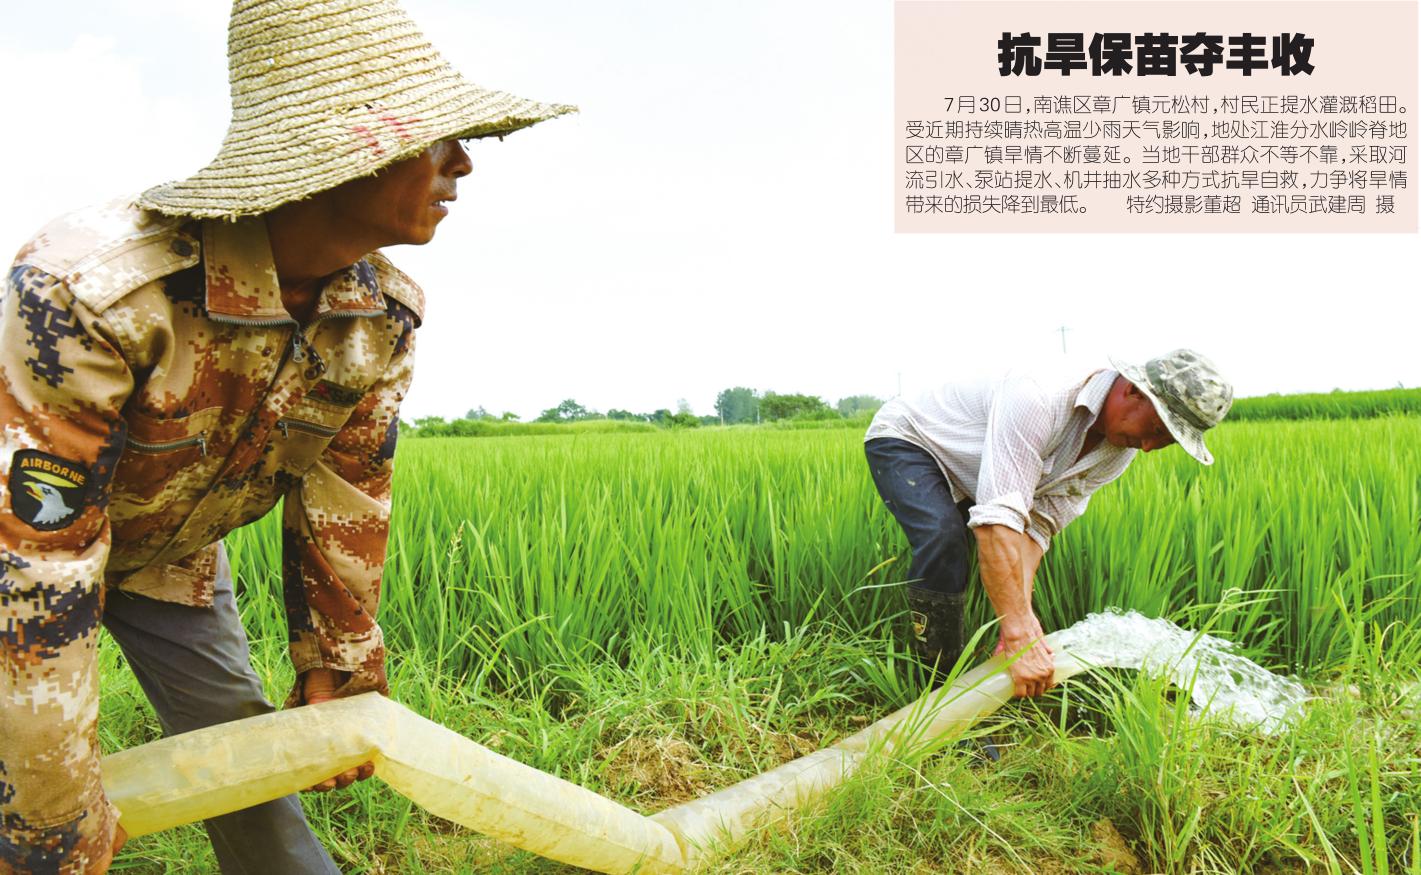 滁州:抗旱保苗夺丰收